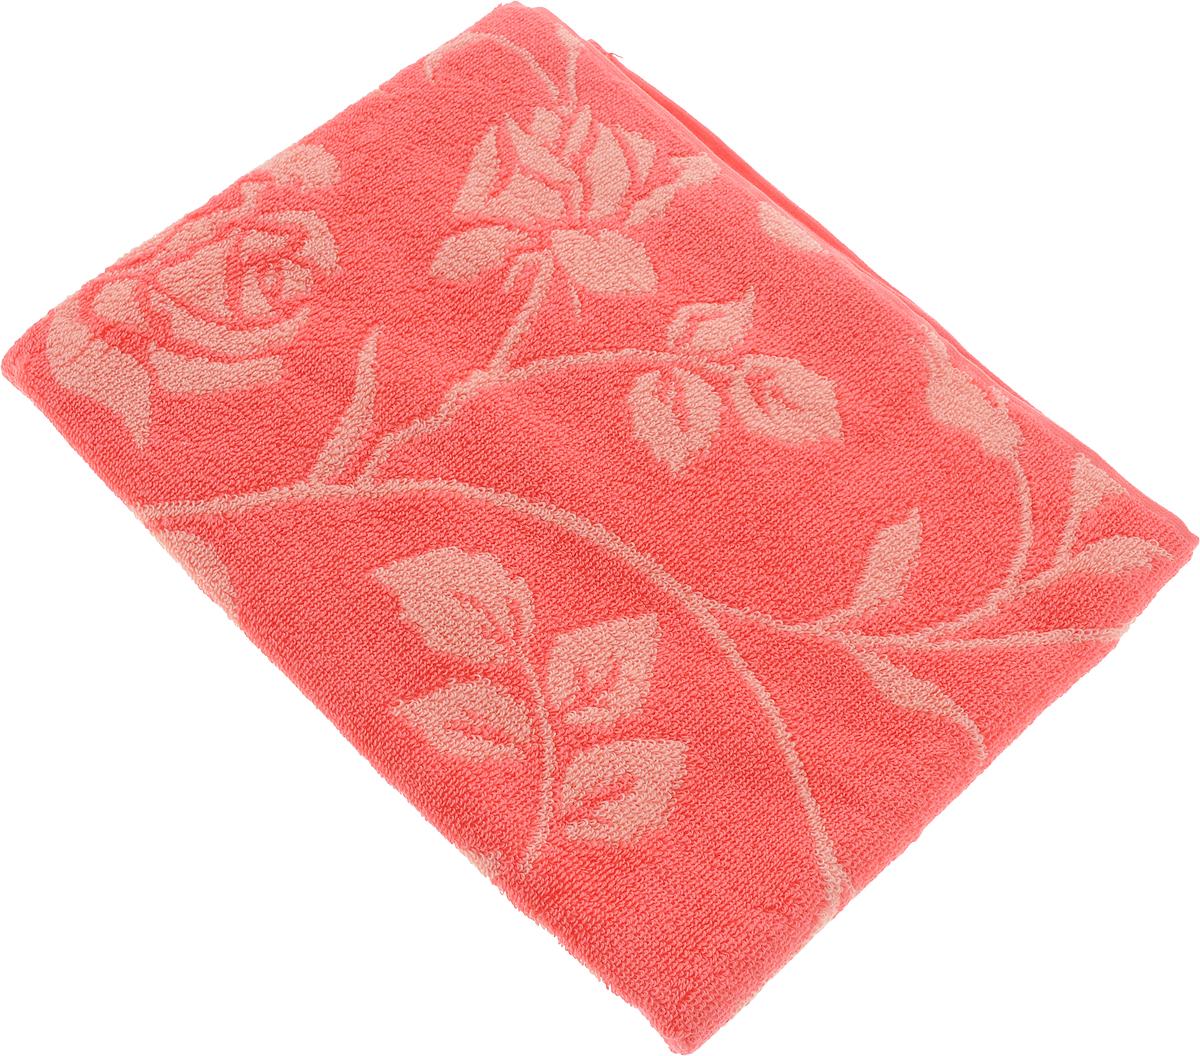 Полотенце банное Aquarelle Розы 2, цвет: розово-персиковый, коралловый, 50 х 90 см. 710653710653Полотенце банное AQUARELLE, размер 50х90см, серия-Розы 2, розово-персиковый, коралл